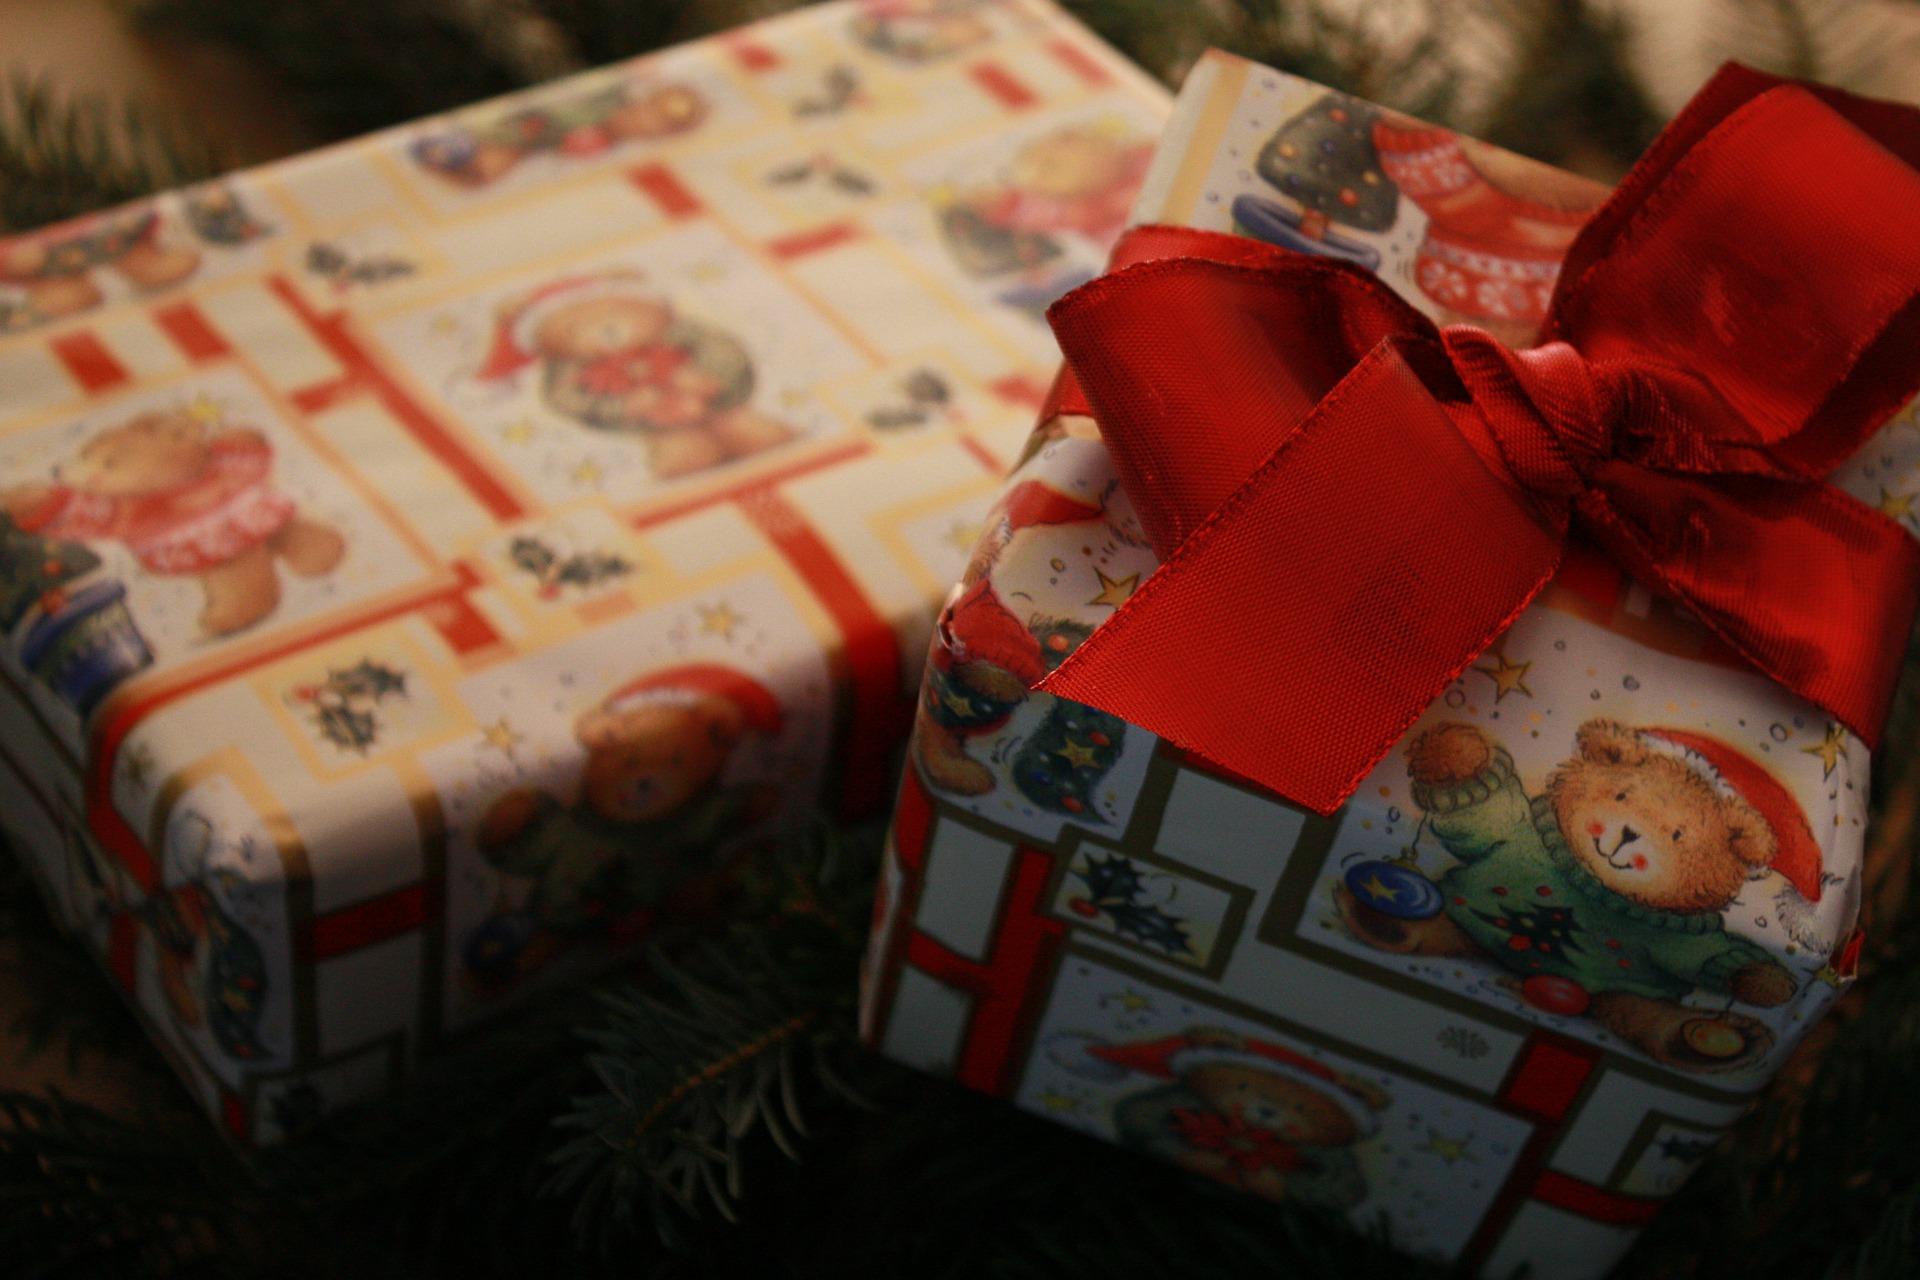 Weihnachtsgeschenke - vánoční dárky (Foto: Gerd Altmann, Pixabay / CC0)